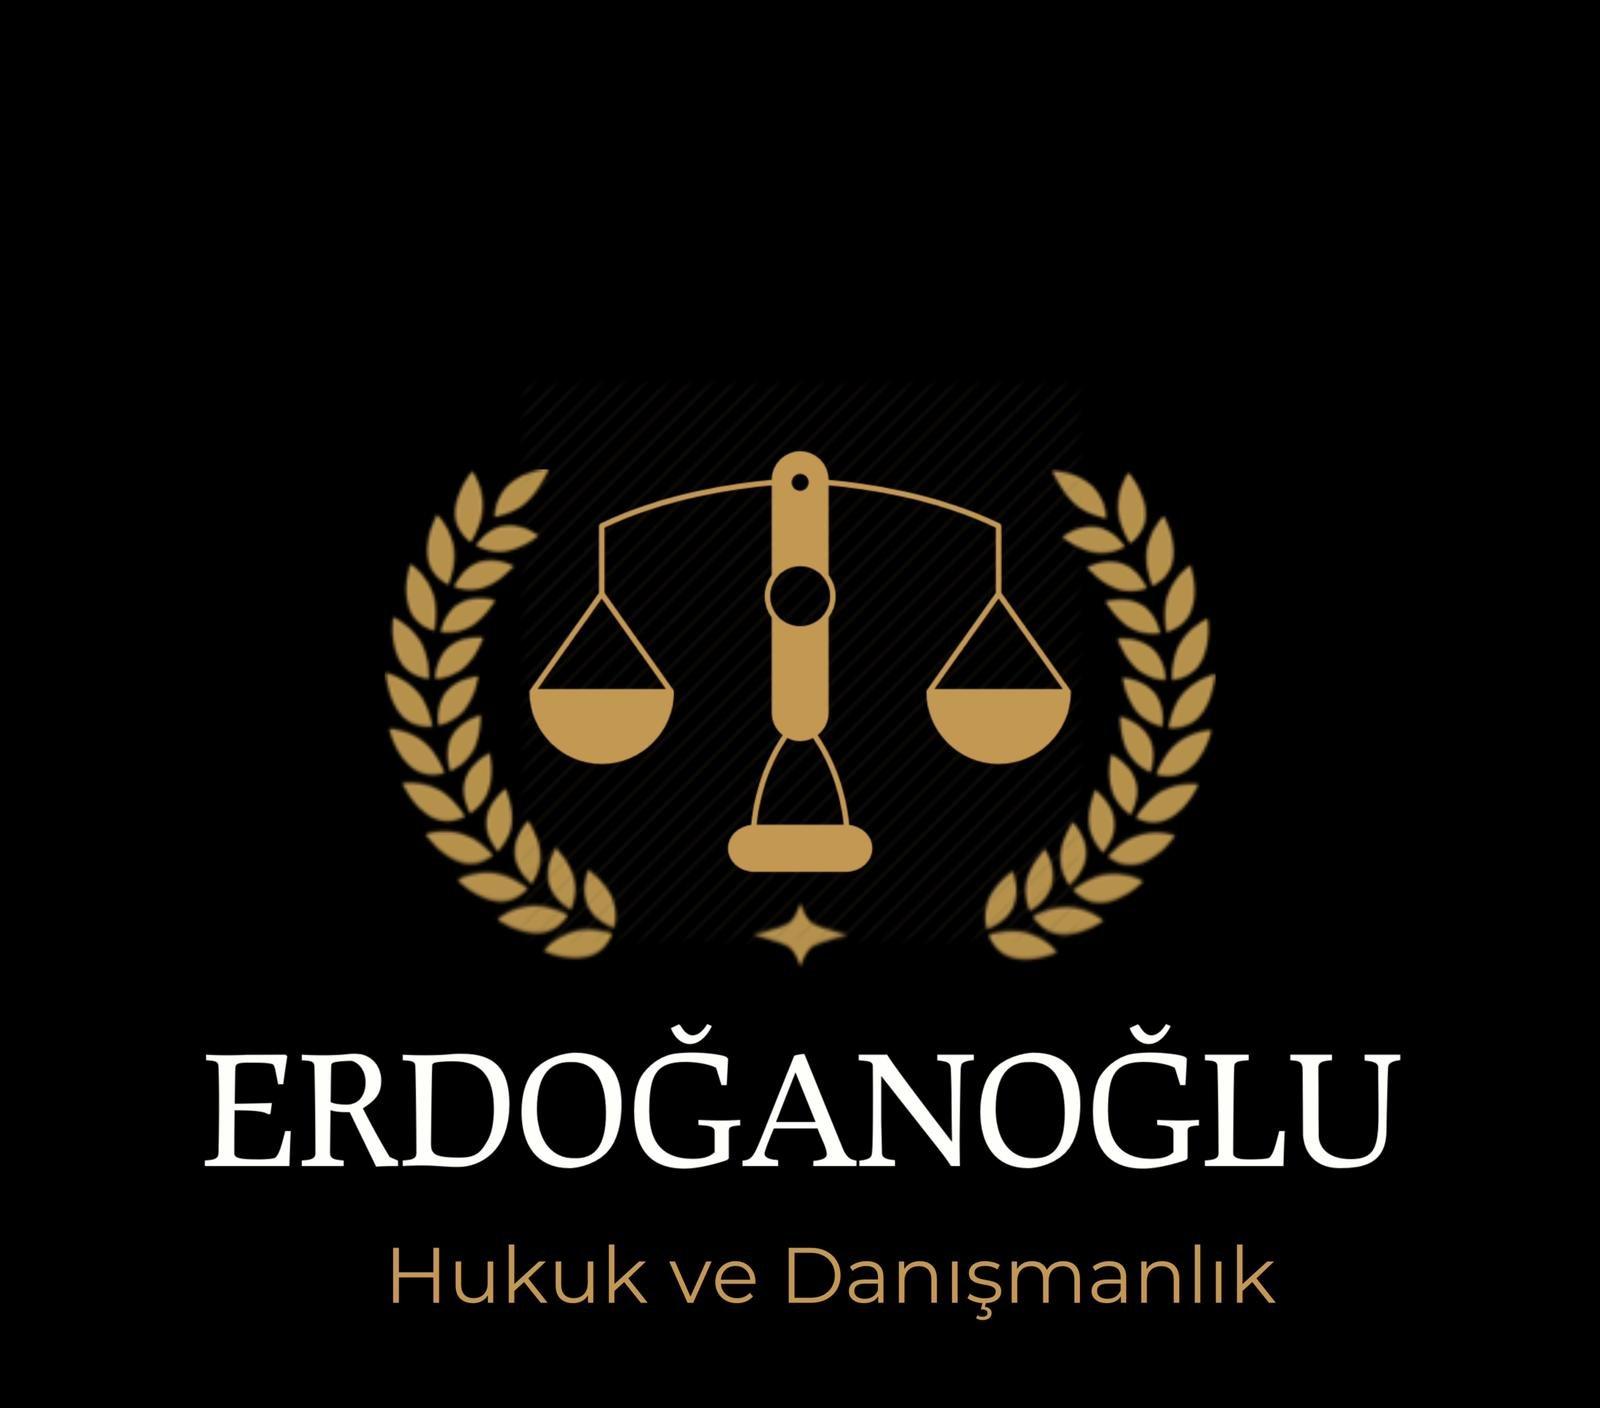 ERDOĞANOĞLU Hukuk ve Danışmanlık